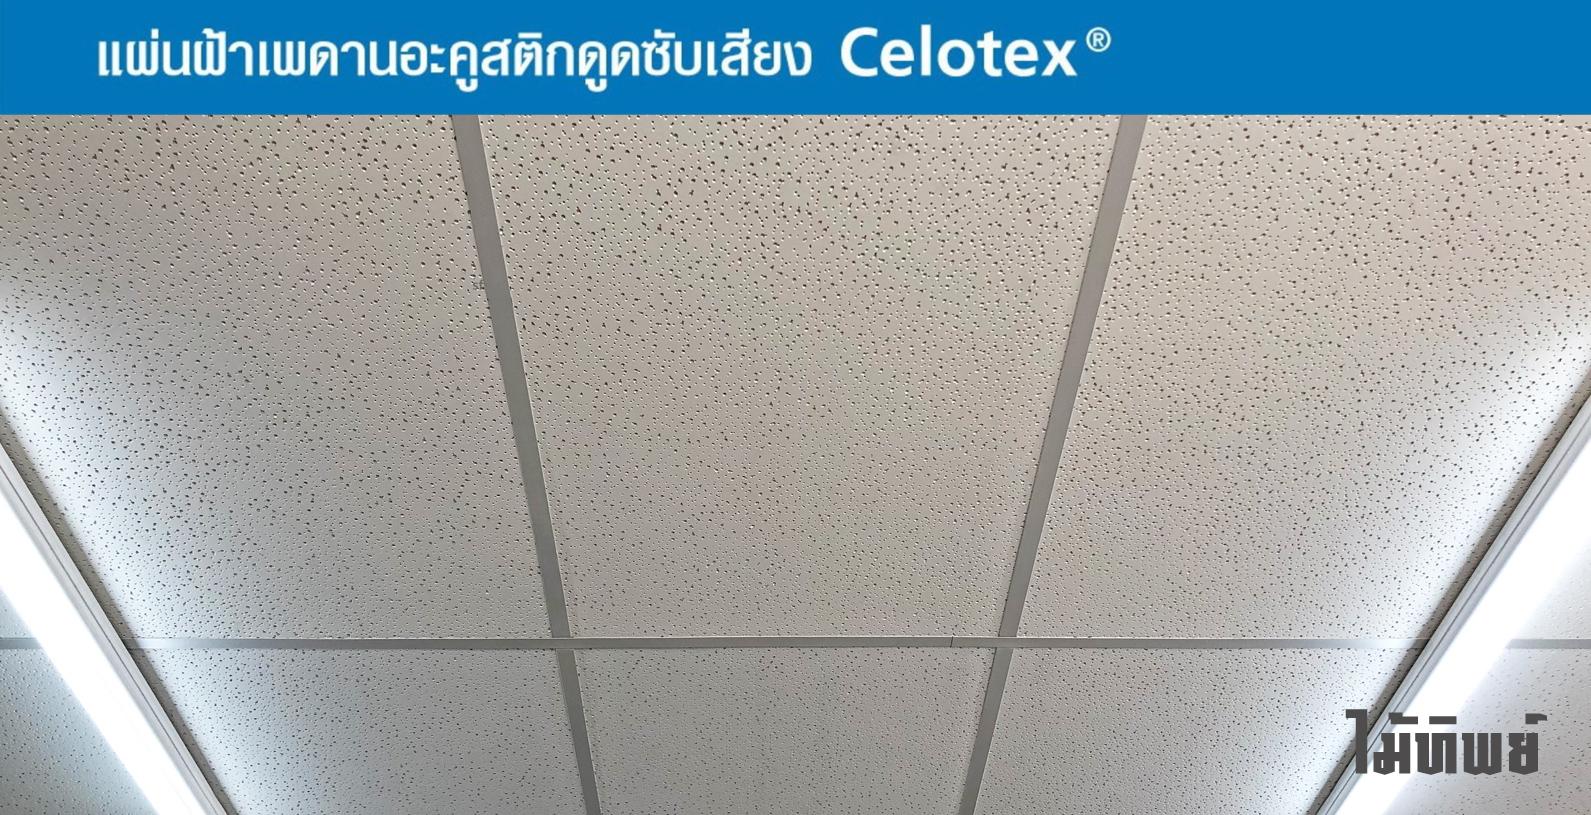 แผ่นฝ้าเพดานอะคูสติกดูดซับเสียง Celotex